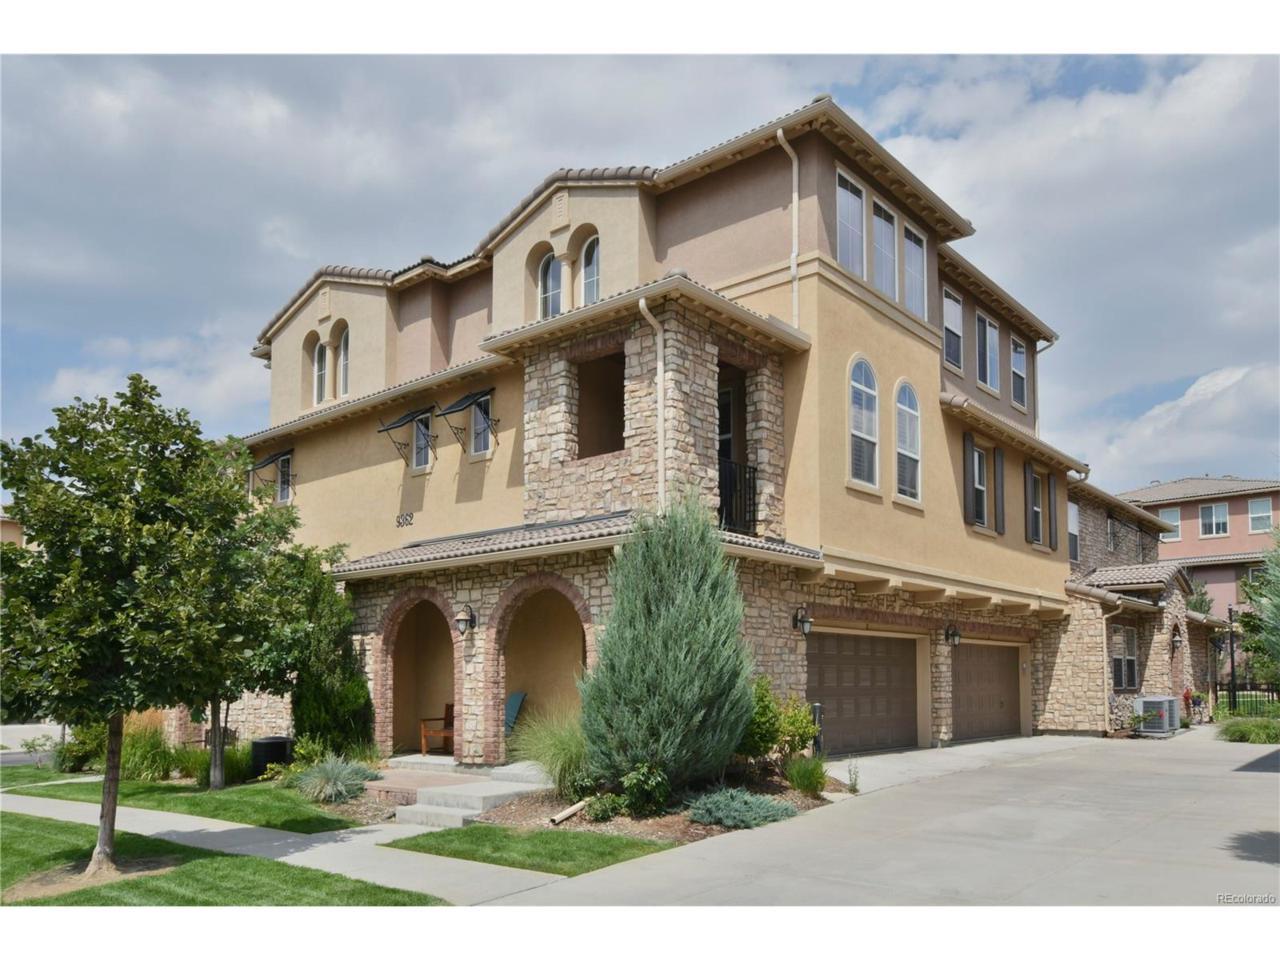 9362 Loggia Street C, Highlands Ranch, CO 80126 (MLS #2810736) :: 8z Real Estate